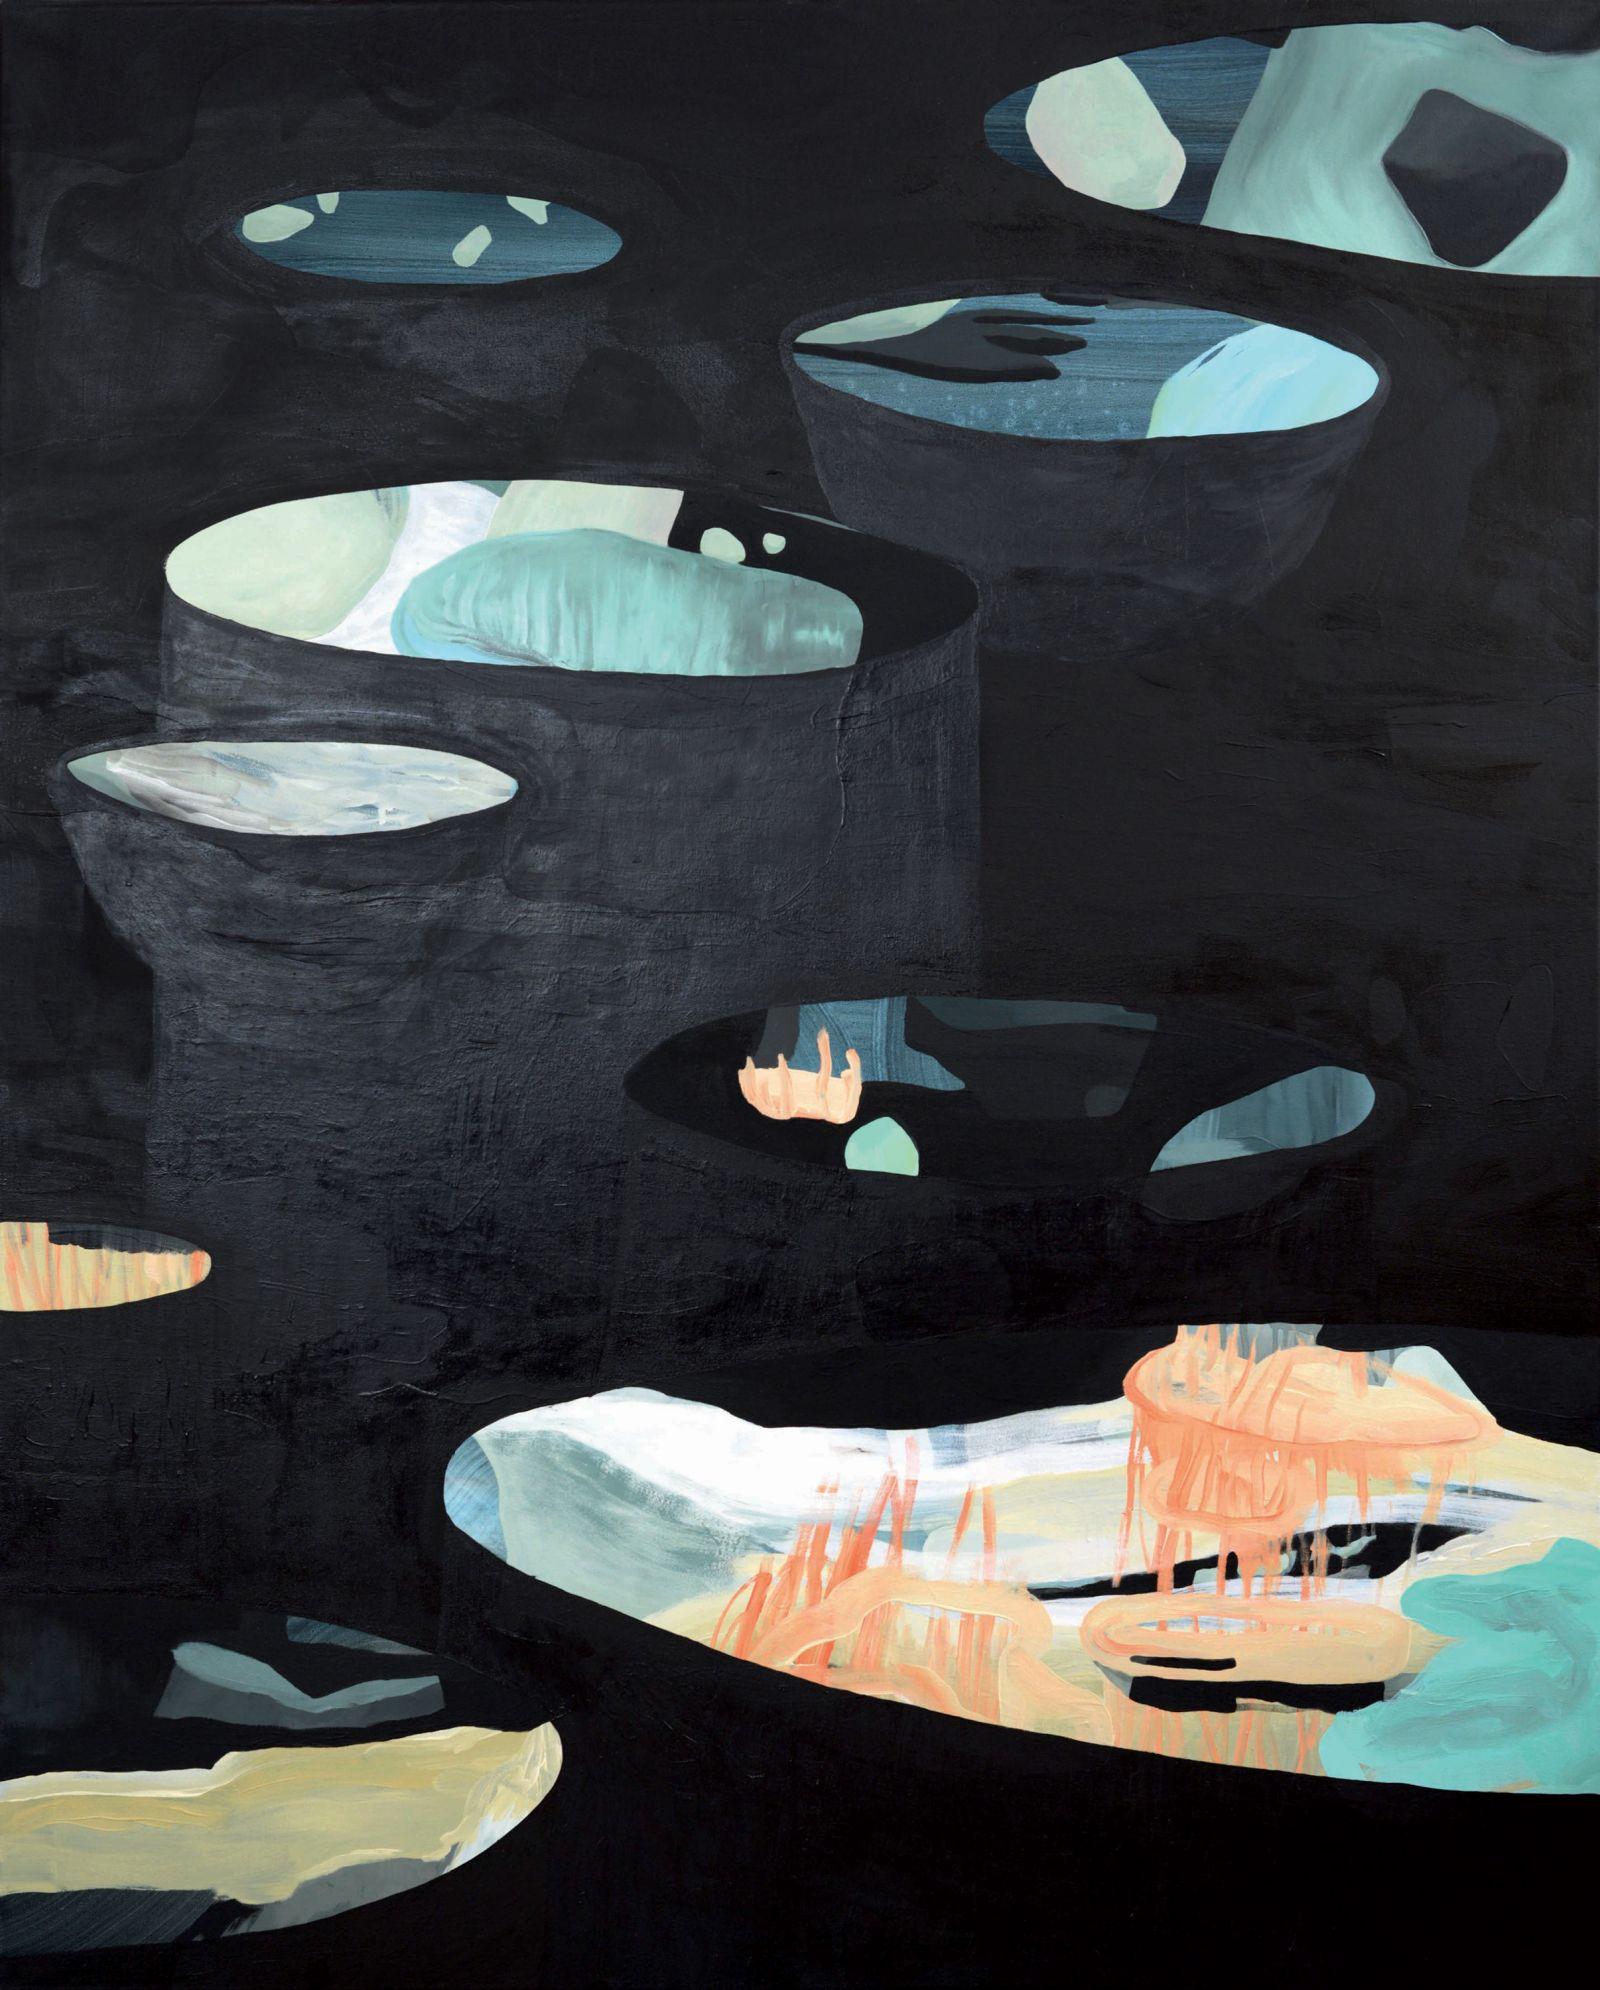 armelle-de-sainte-marie-ubik-2012-huile-sur-toile-150x120cm-b9049188f0d5421a52d52f9241431df2